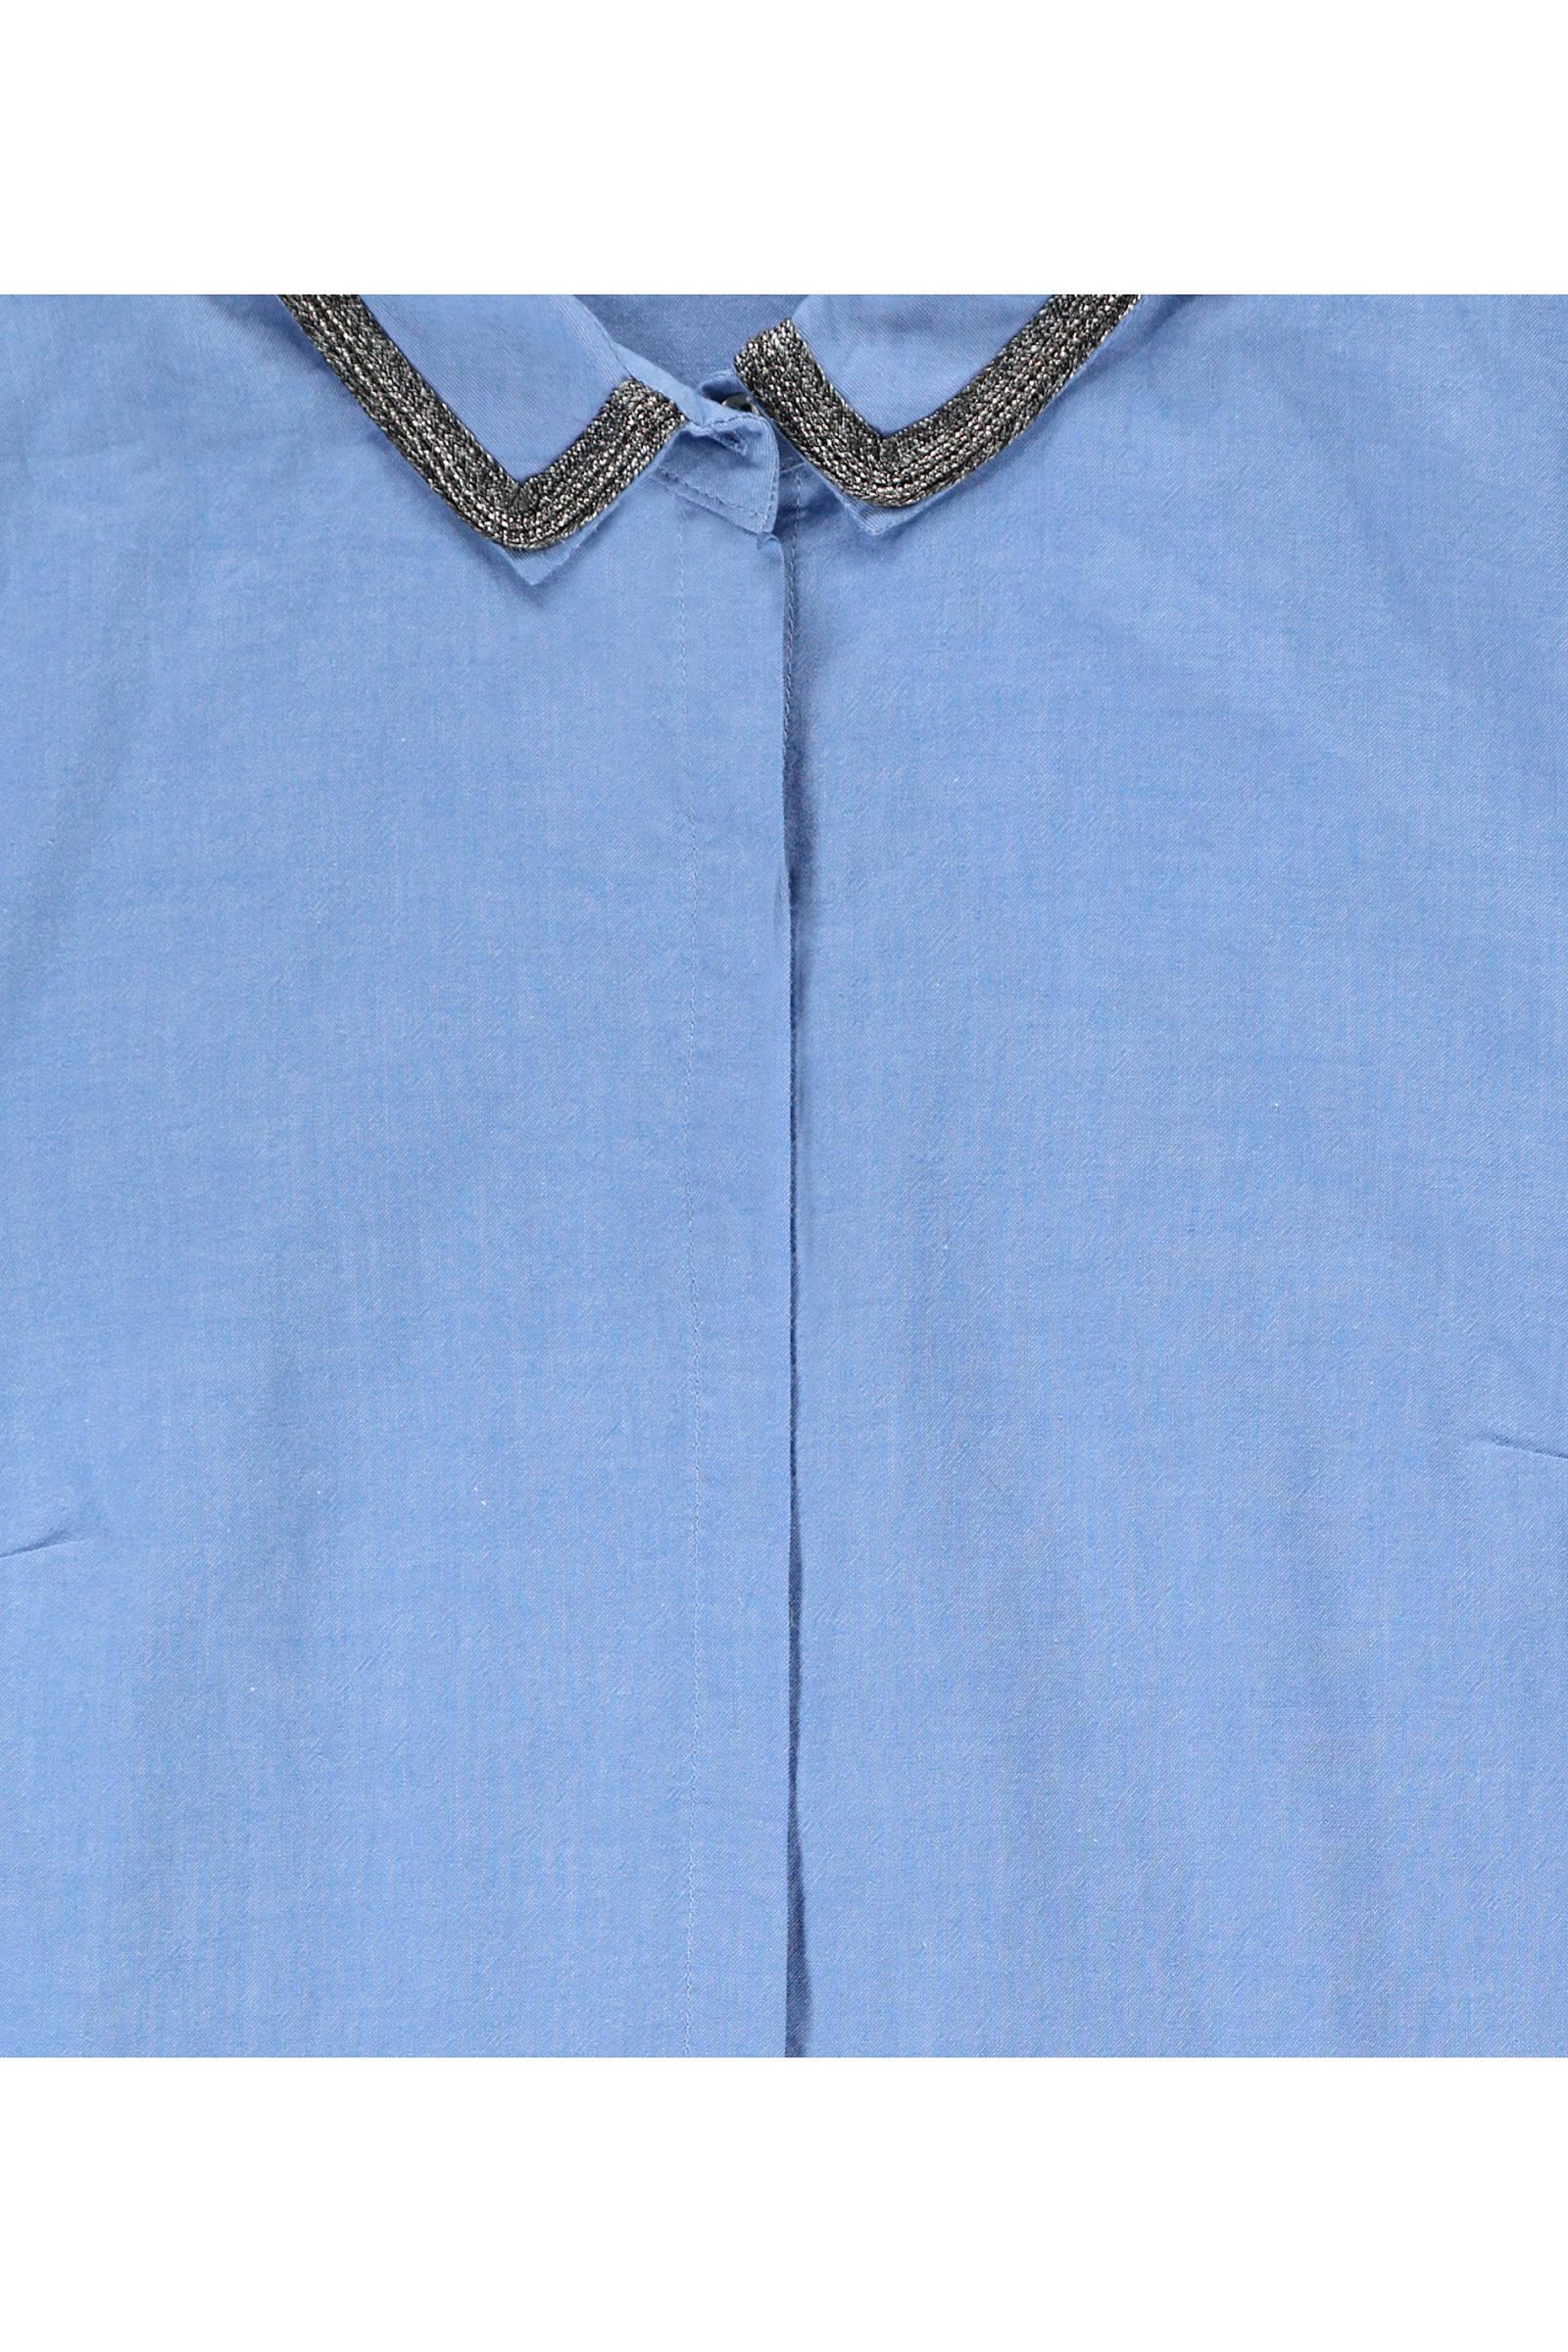 CKS blouse blouse Marjanne CKS CKS blouse Marjanne lichtblauw lichtblauw OWPrf4Oq